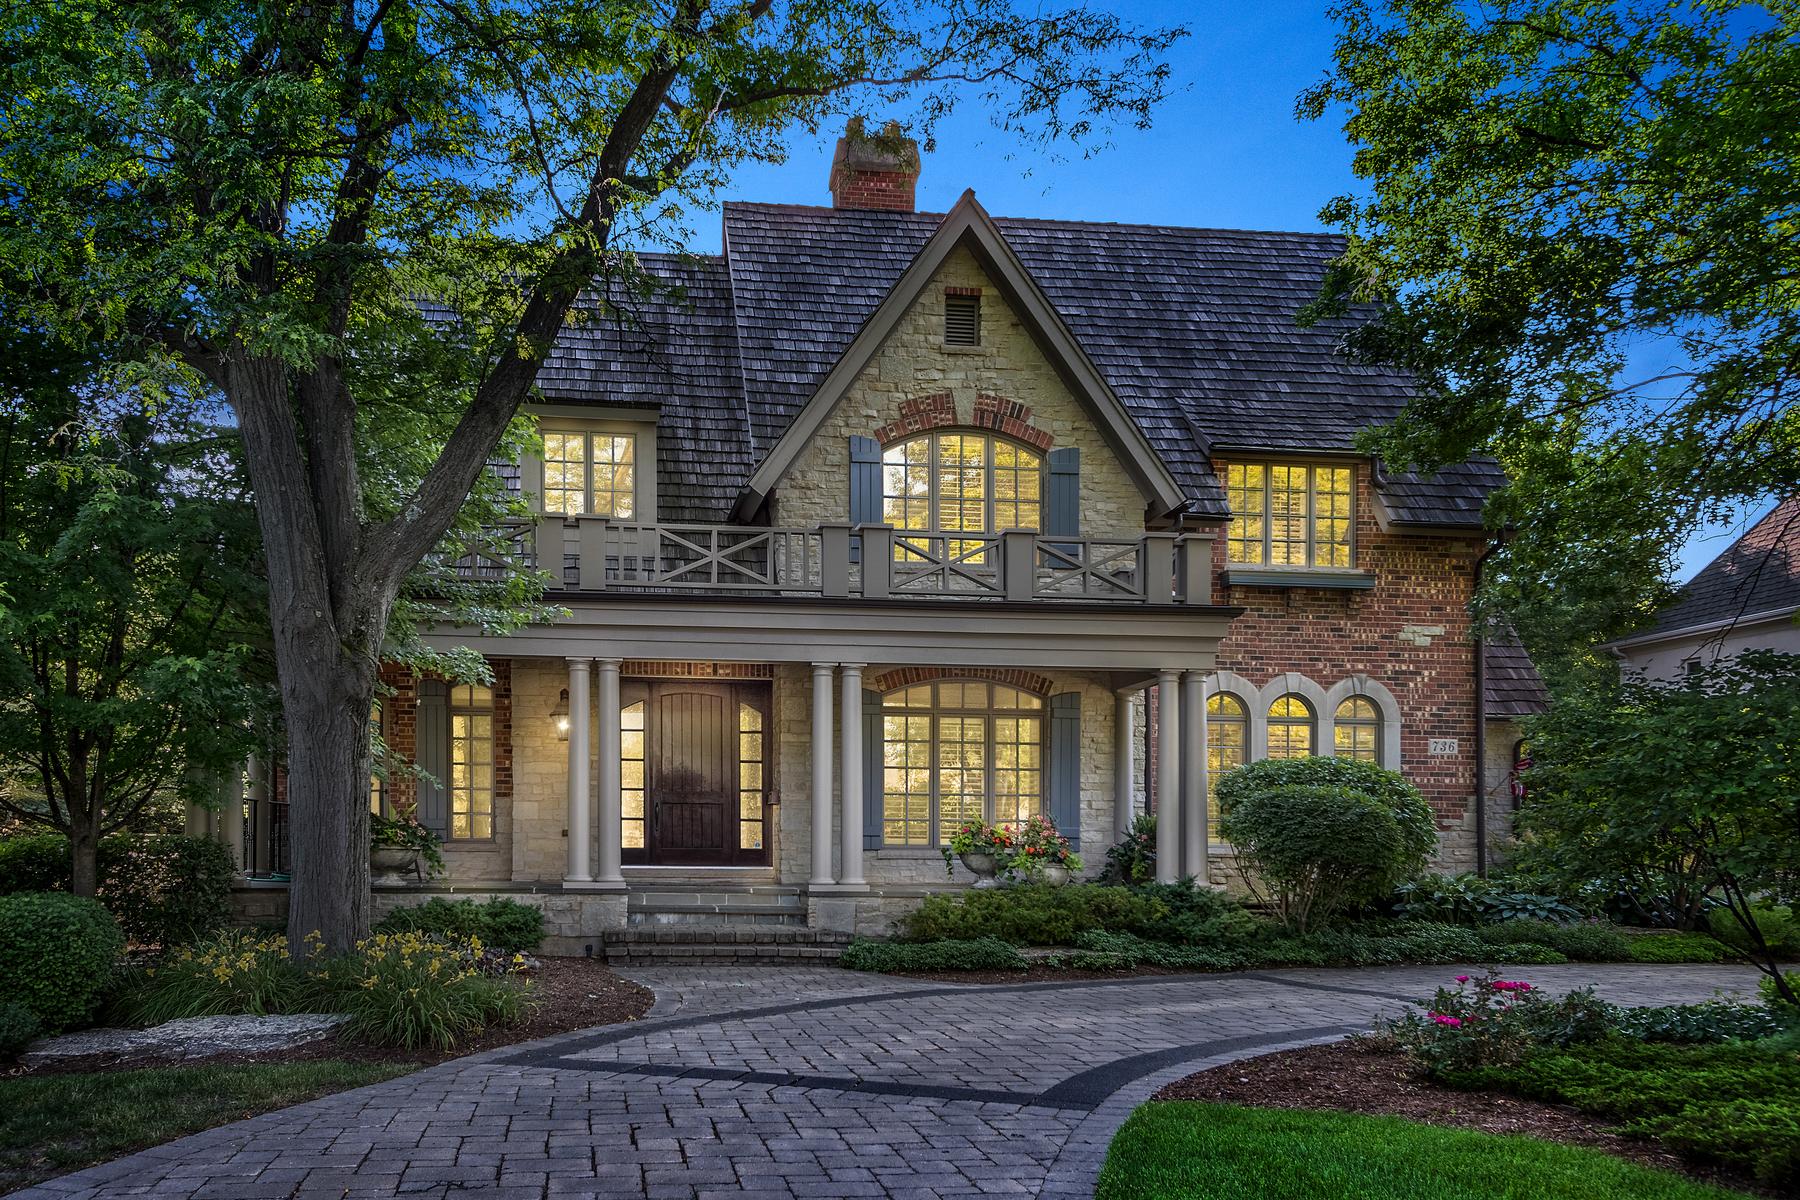 Villa per Vendita alle ore 736 Cleveland Road Hinsdale, Illinois, 60521 Stati Uniti